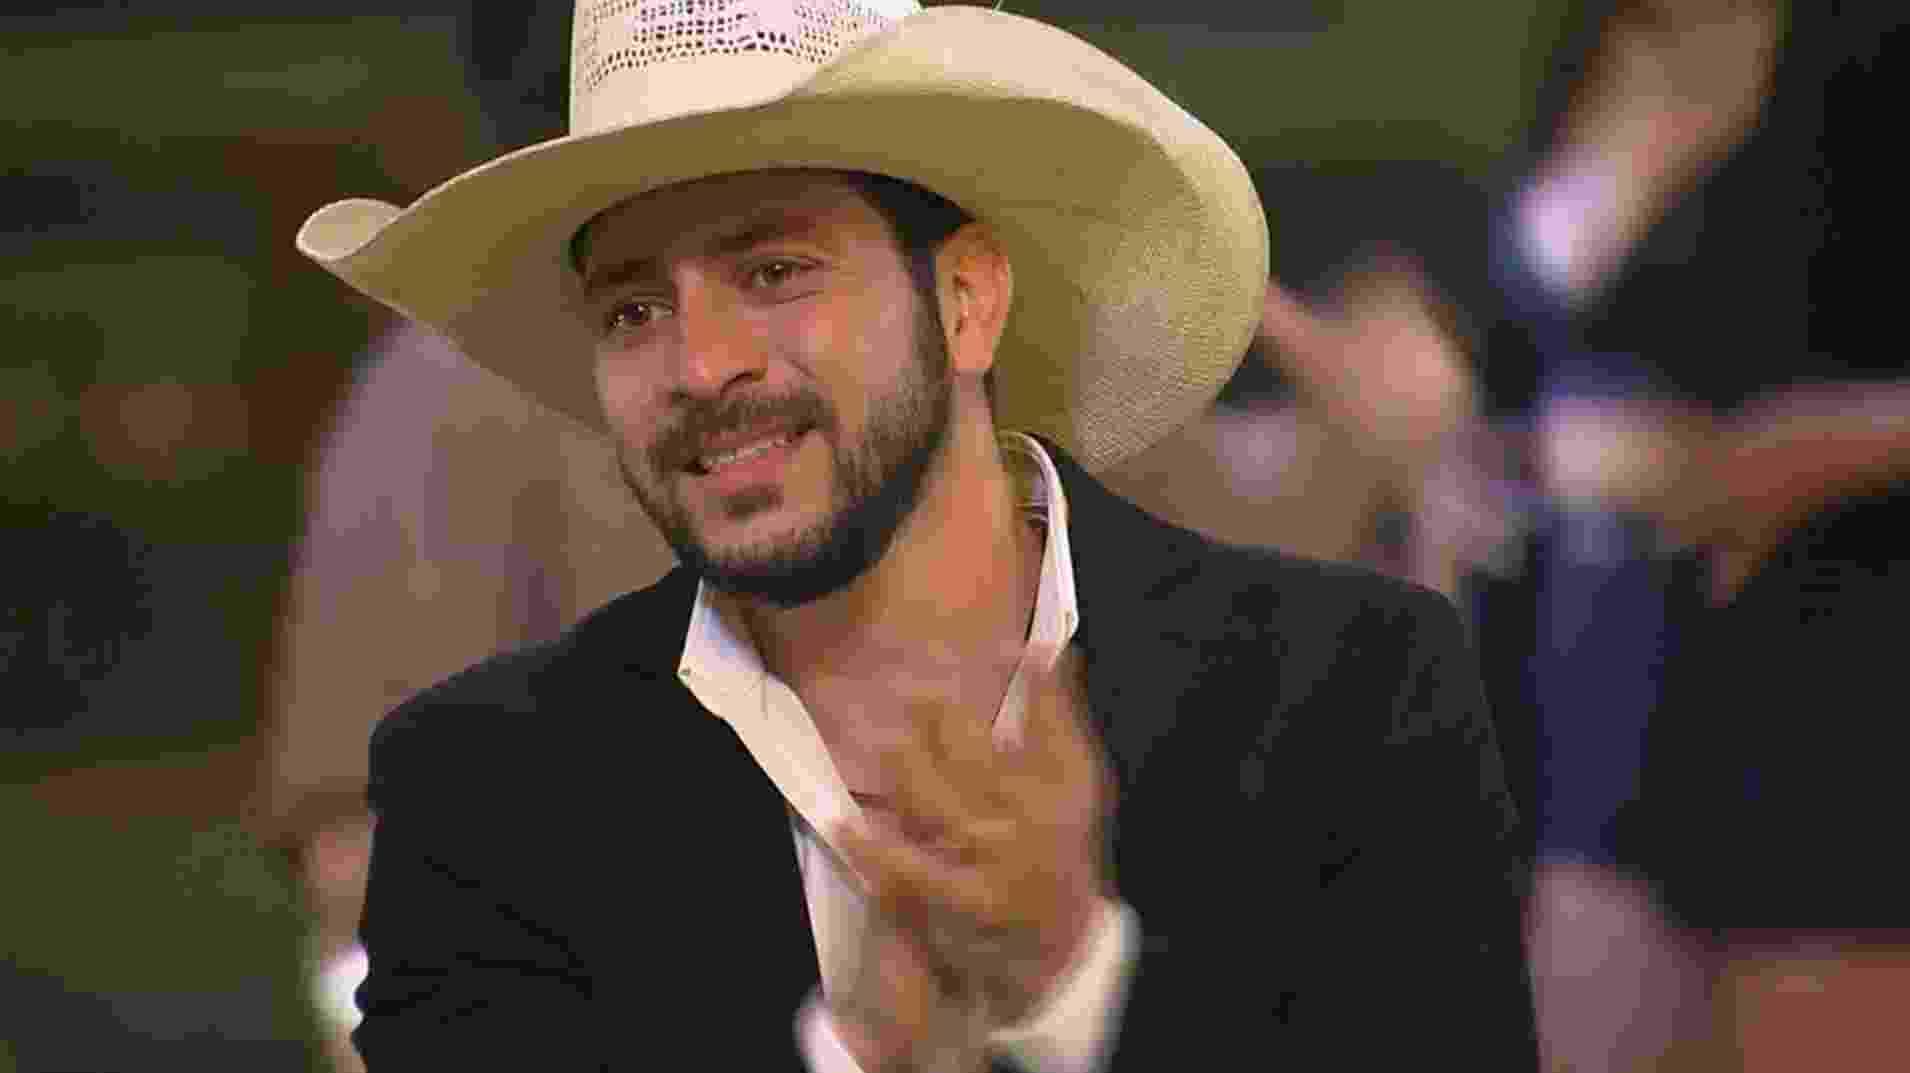 BBB 21: Caio se empolga com festa do líder com tema agronegócio - Reprodução/ Globoplay